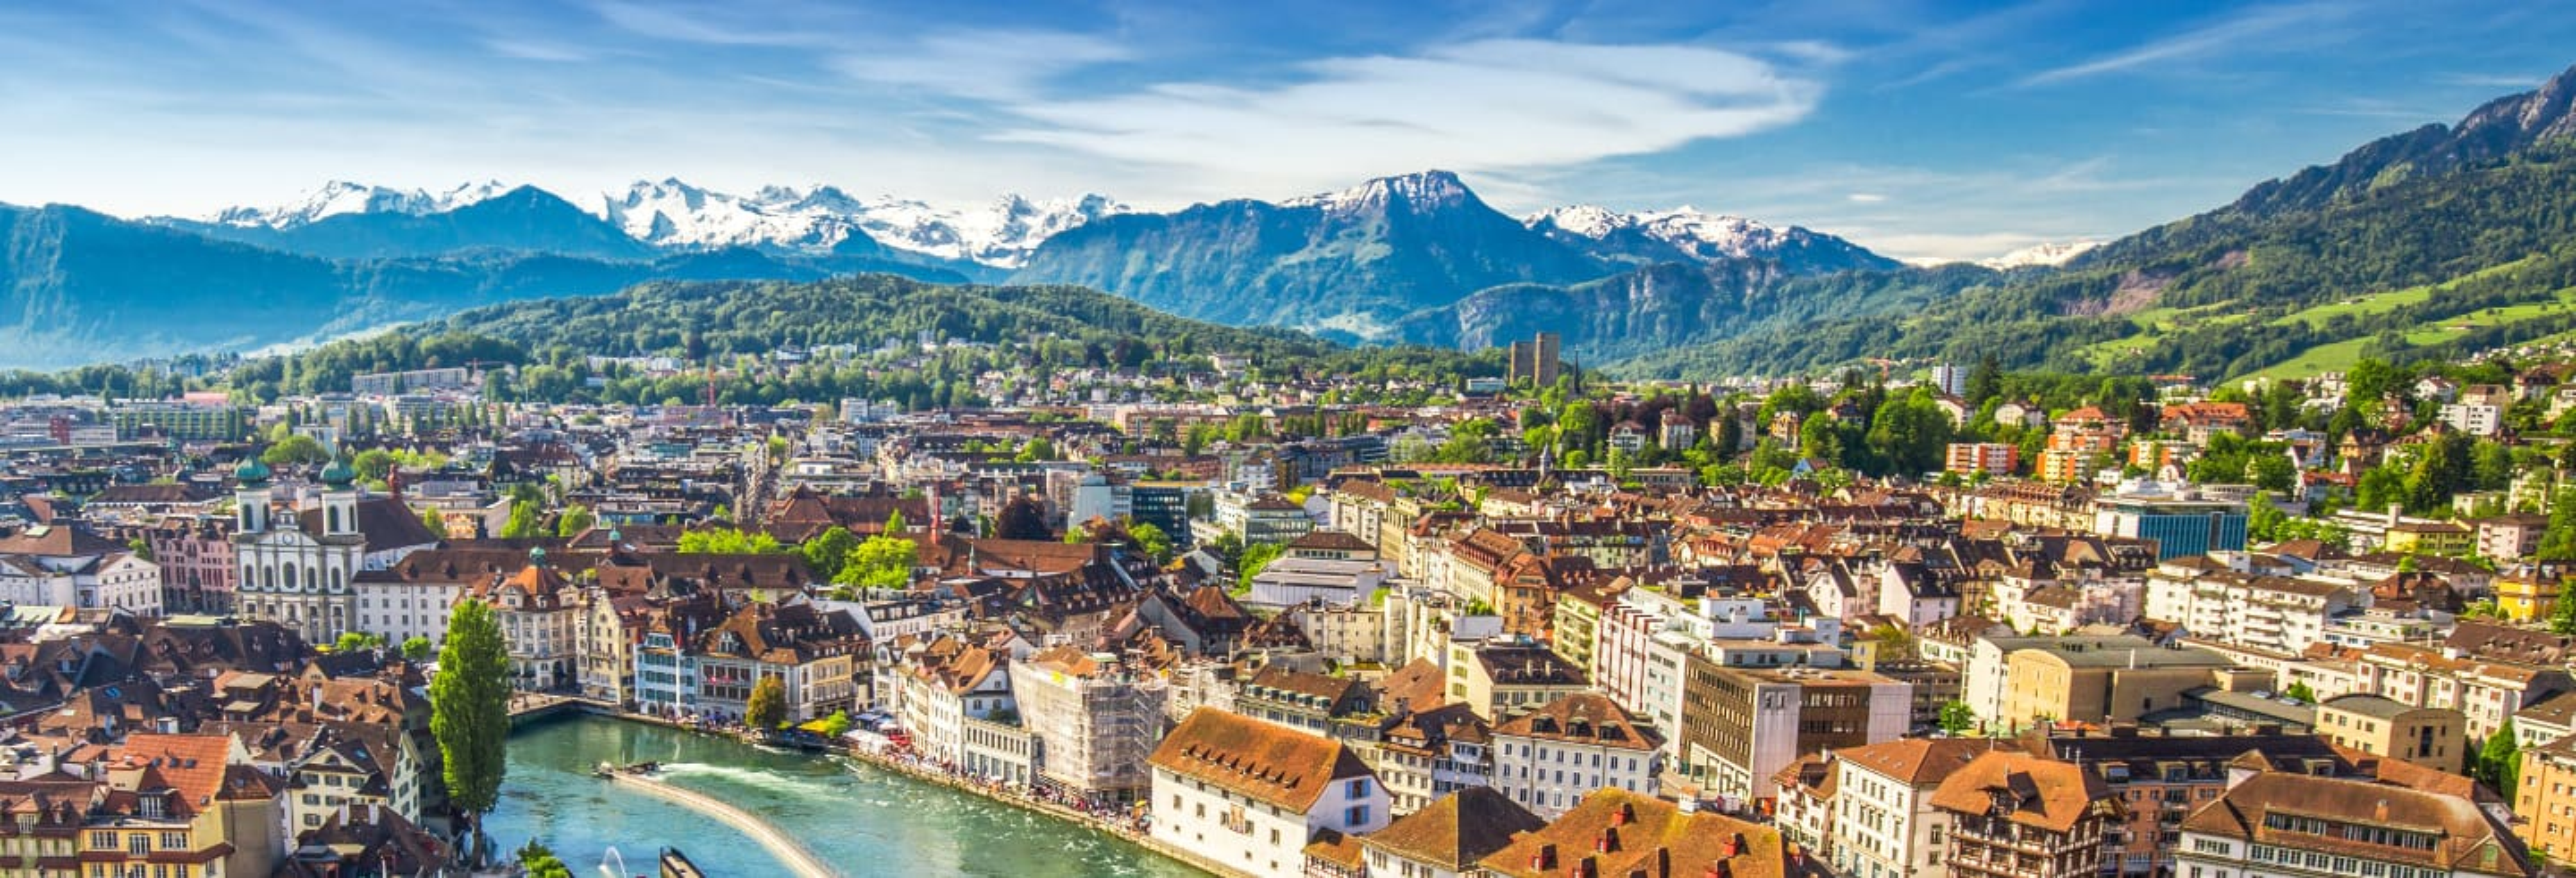 Excursão a Lucerna